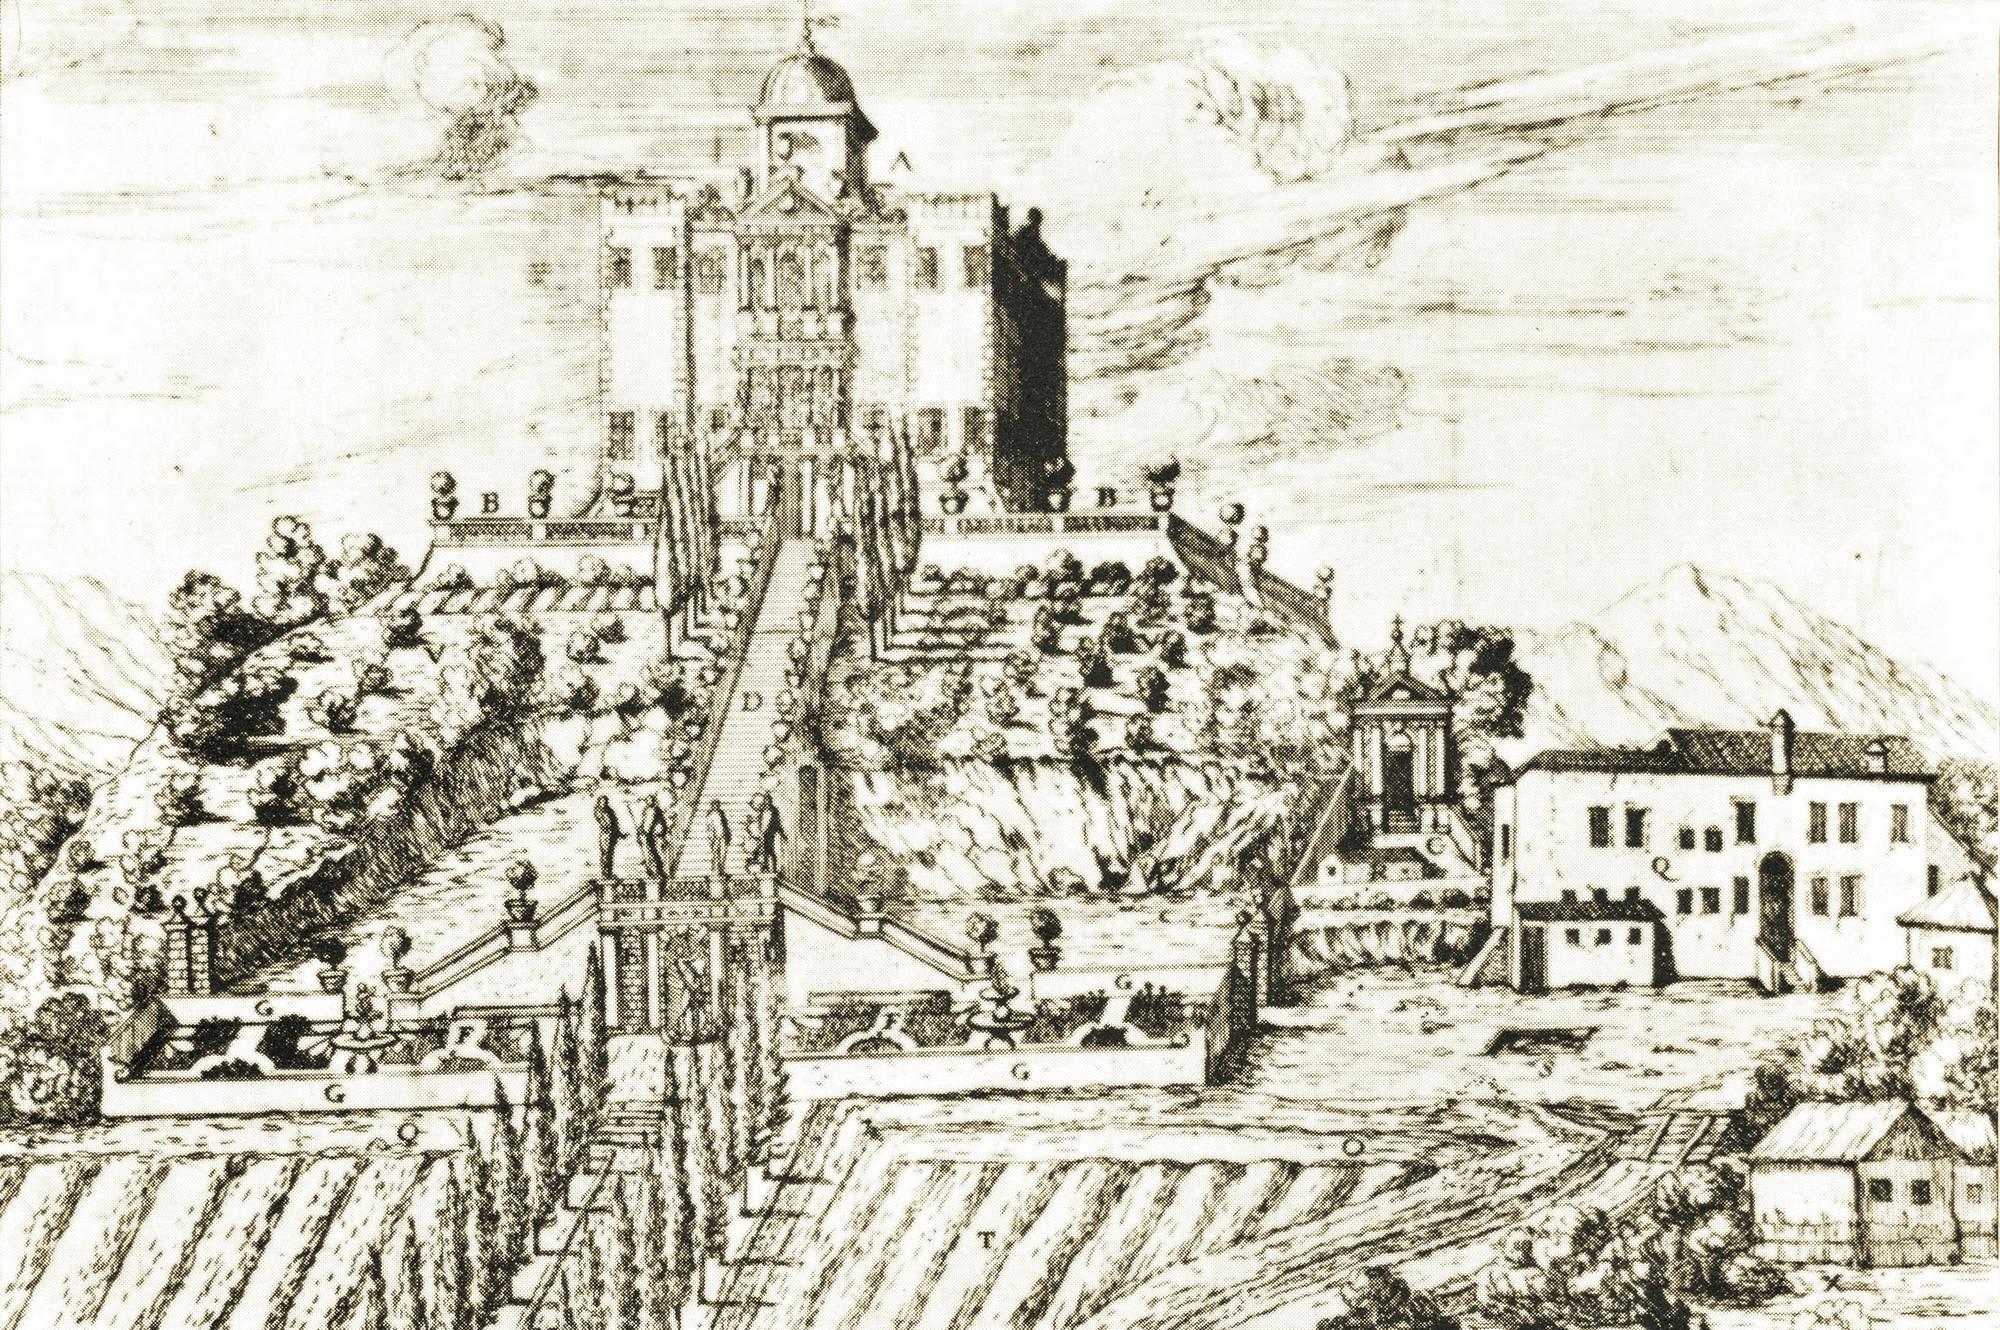 Battaglia, Colle delle Stufa. L'oratorio di S. Elena, tra la villa Selvatico e i bagni vecchi, in un'incisione del 1657.